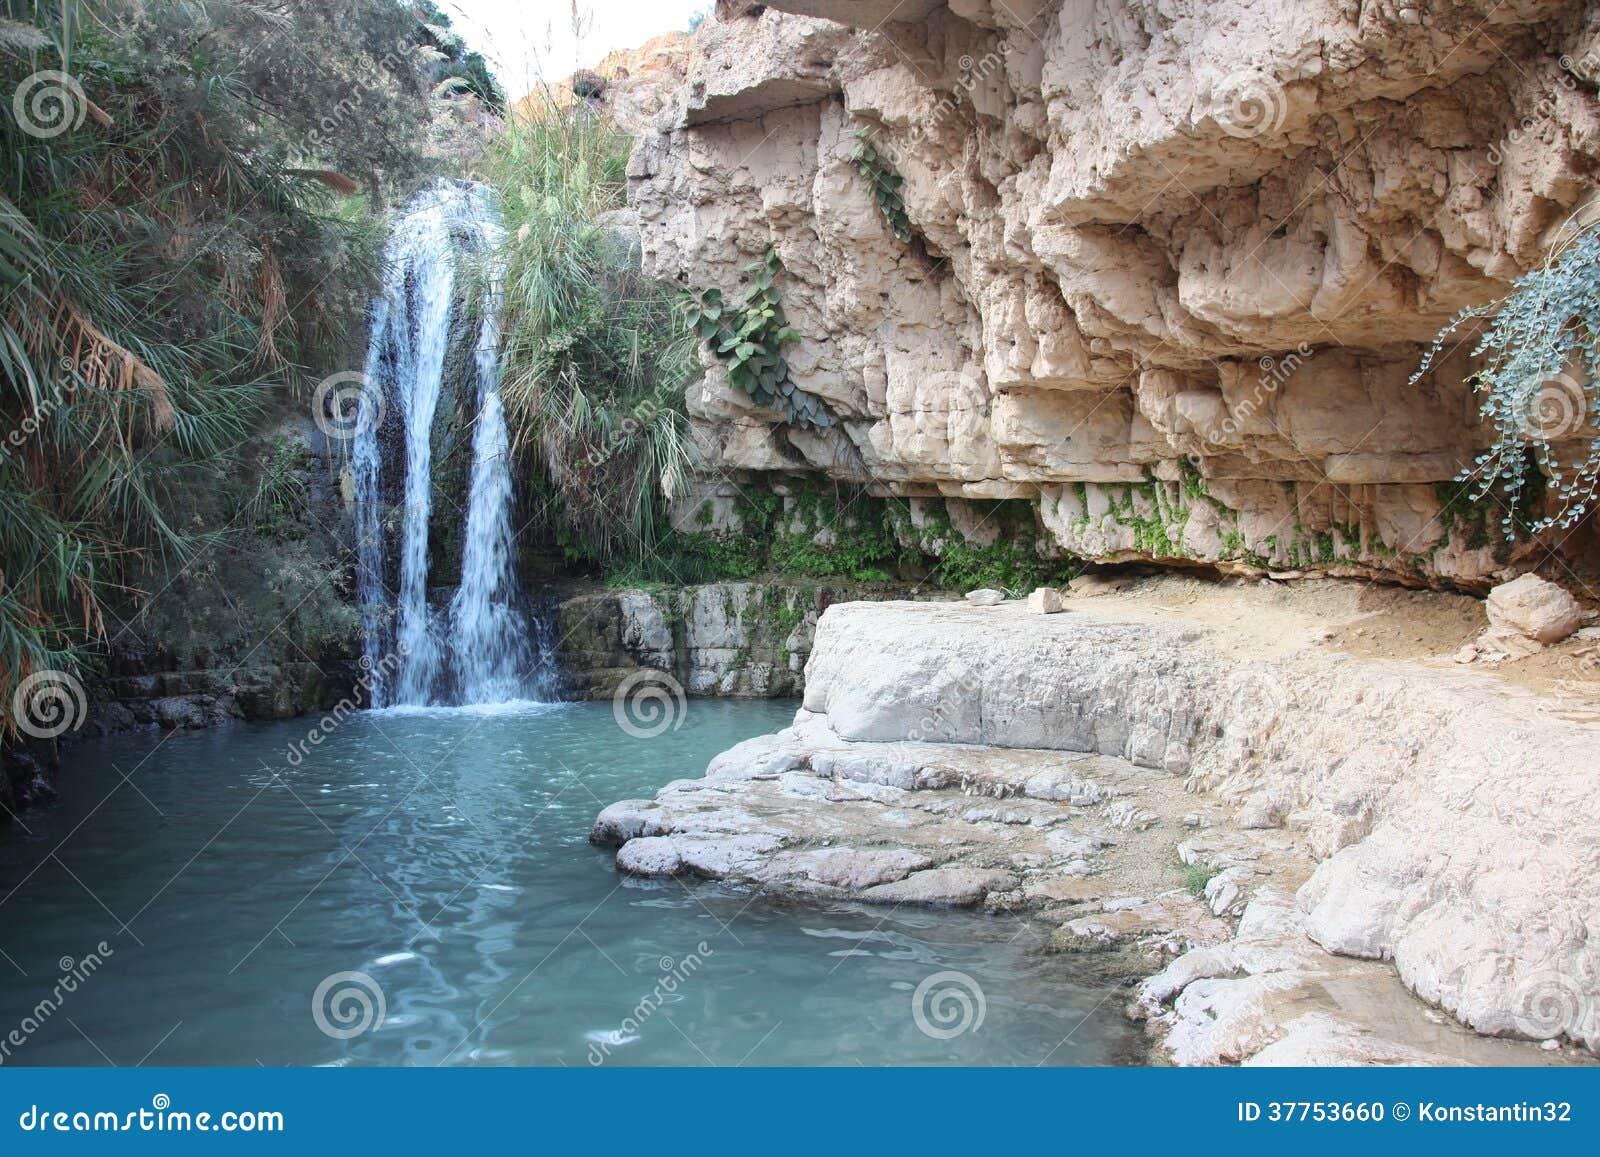 Waterfall in national park Ein Gedi near the Dead Sea in Israel